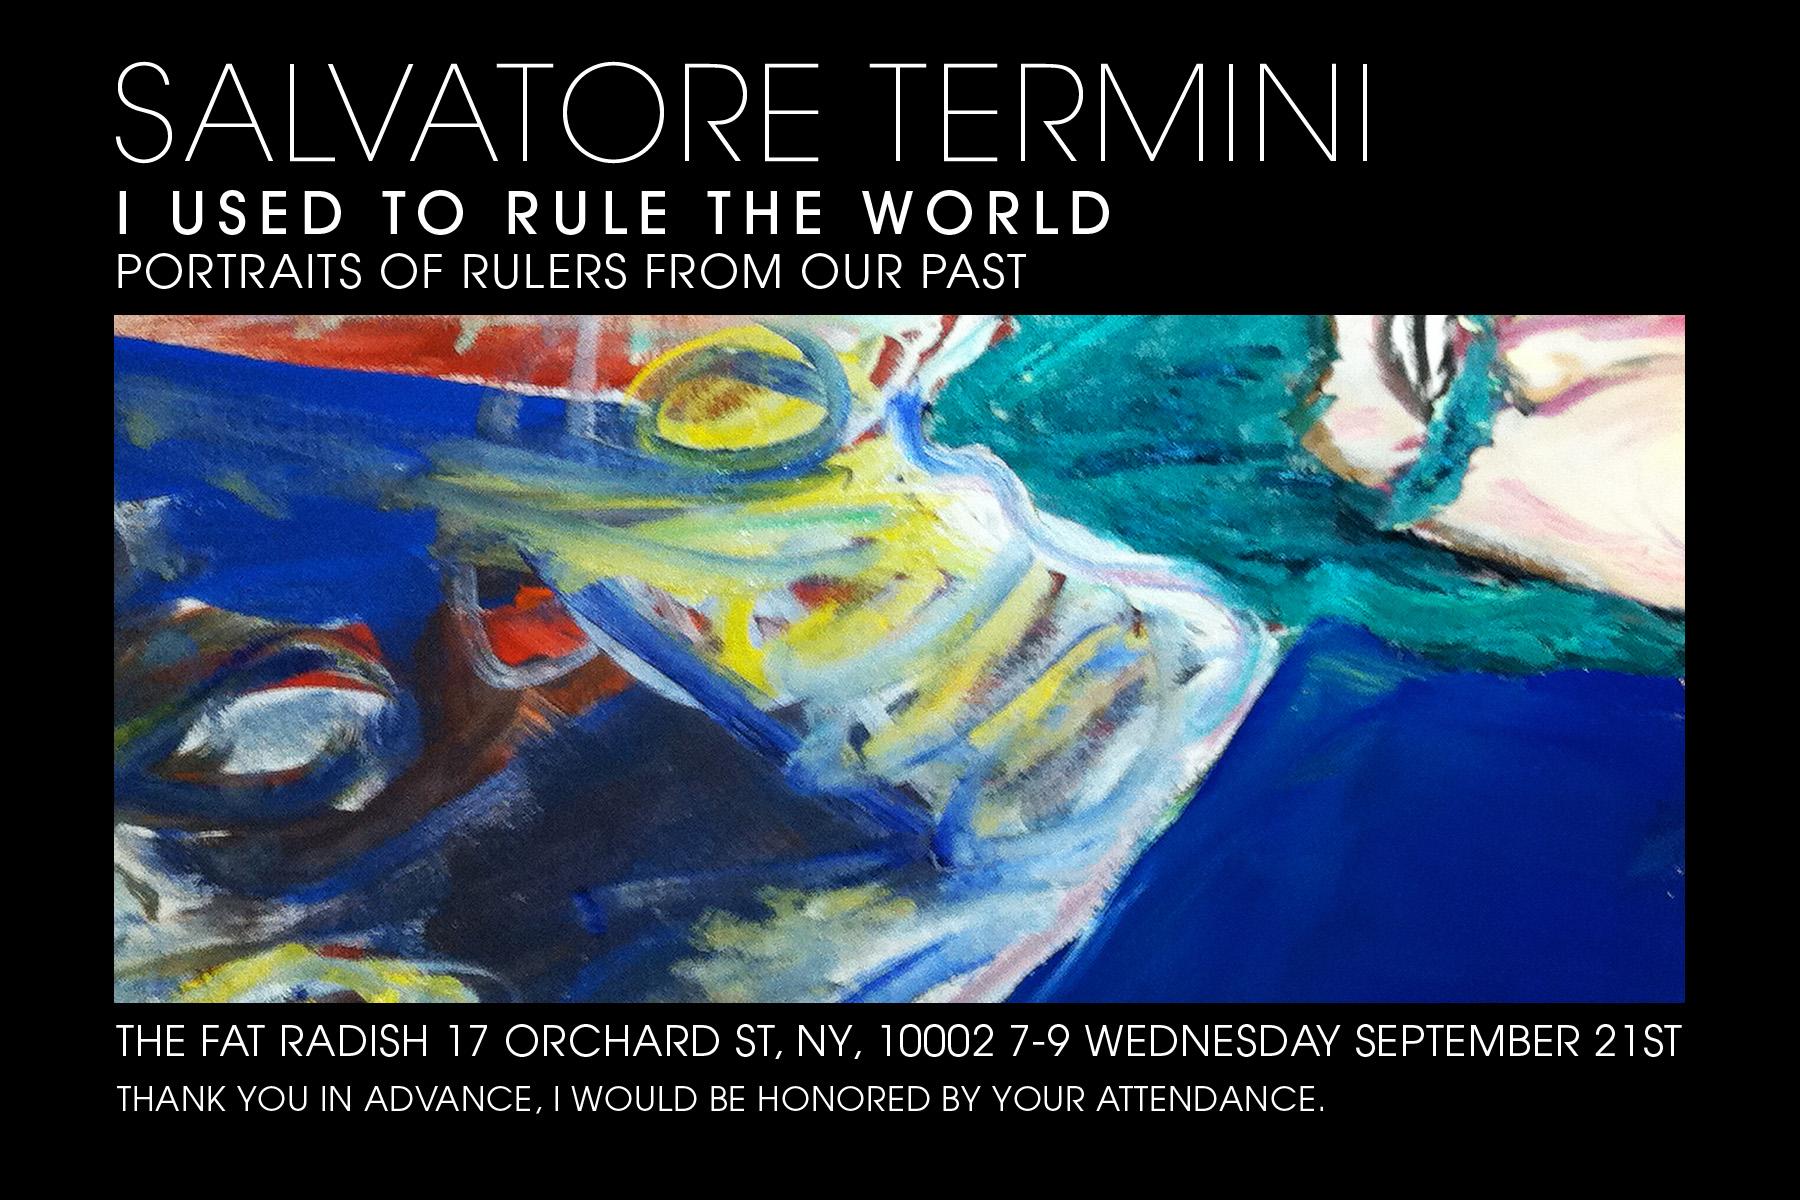 SalvatoreTermini-A.jpeg